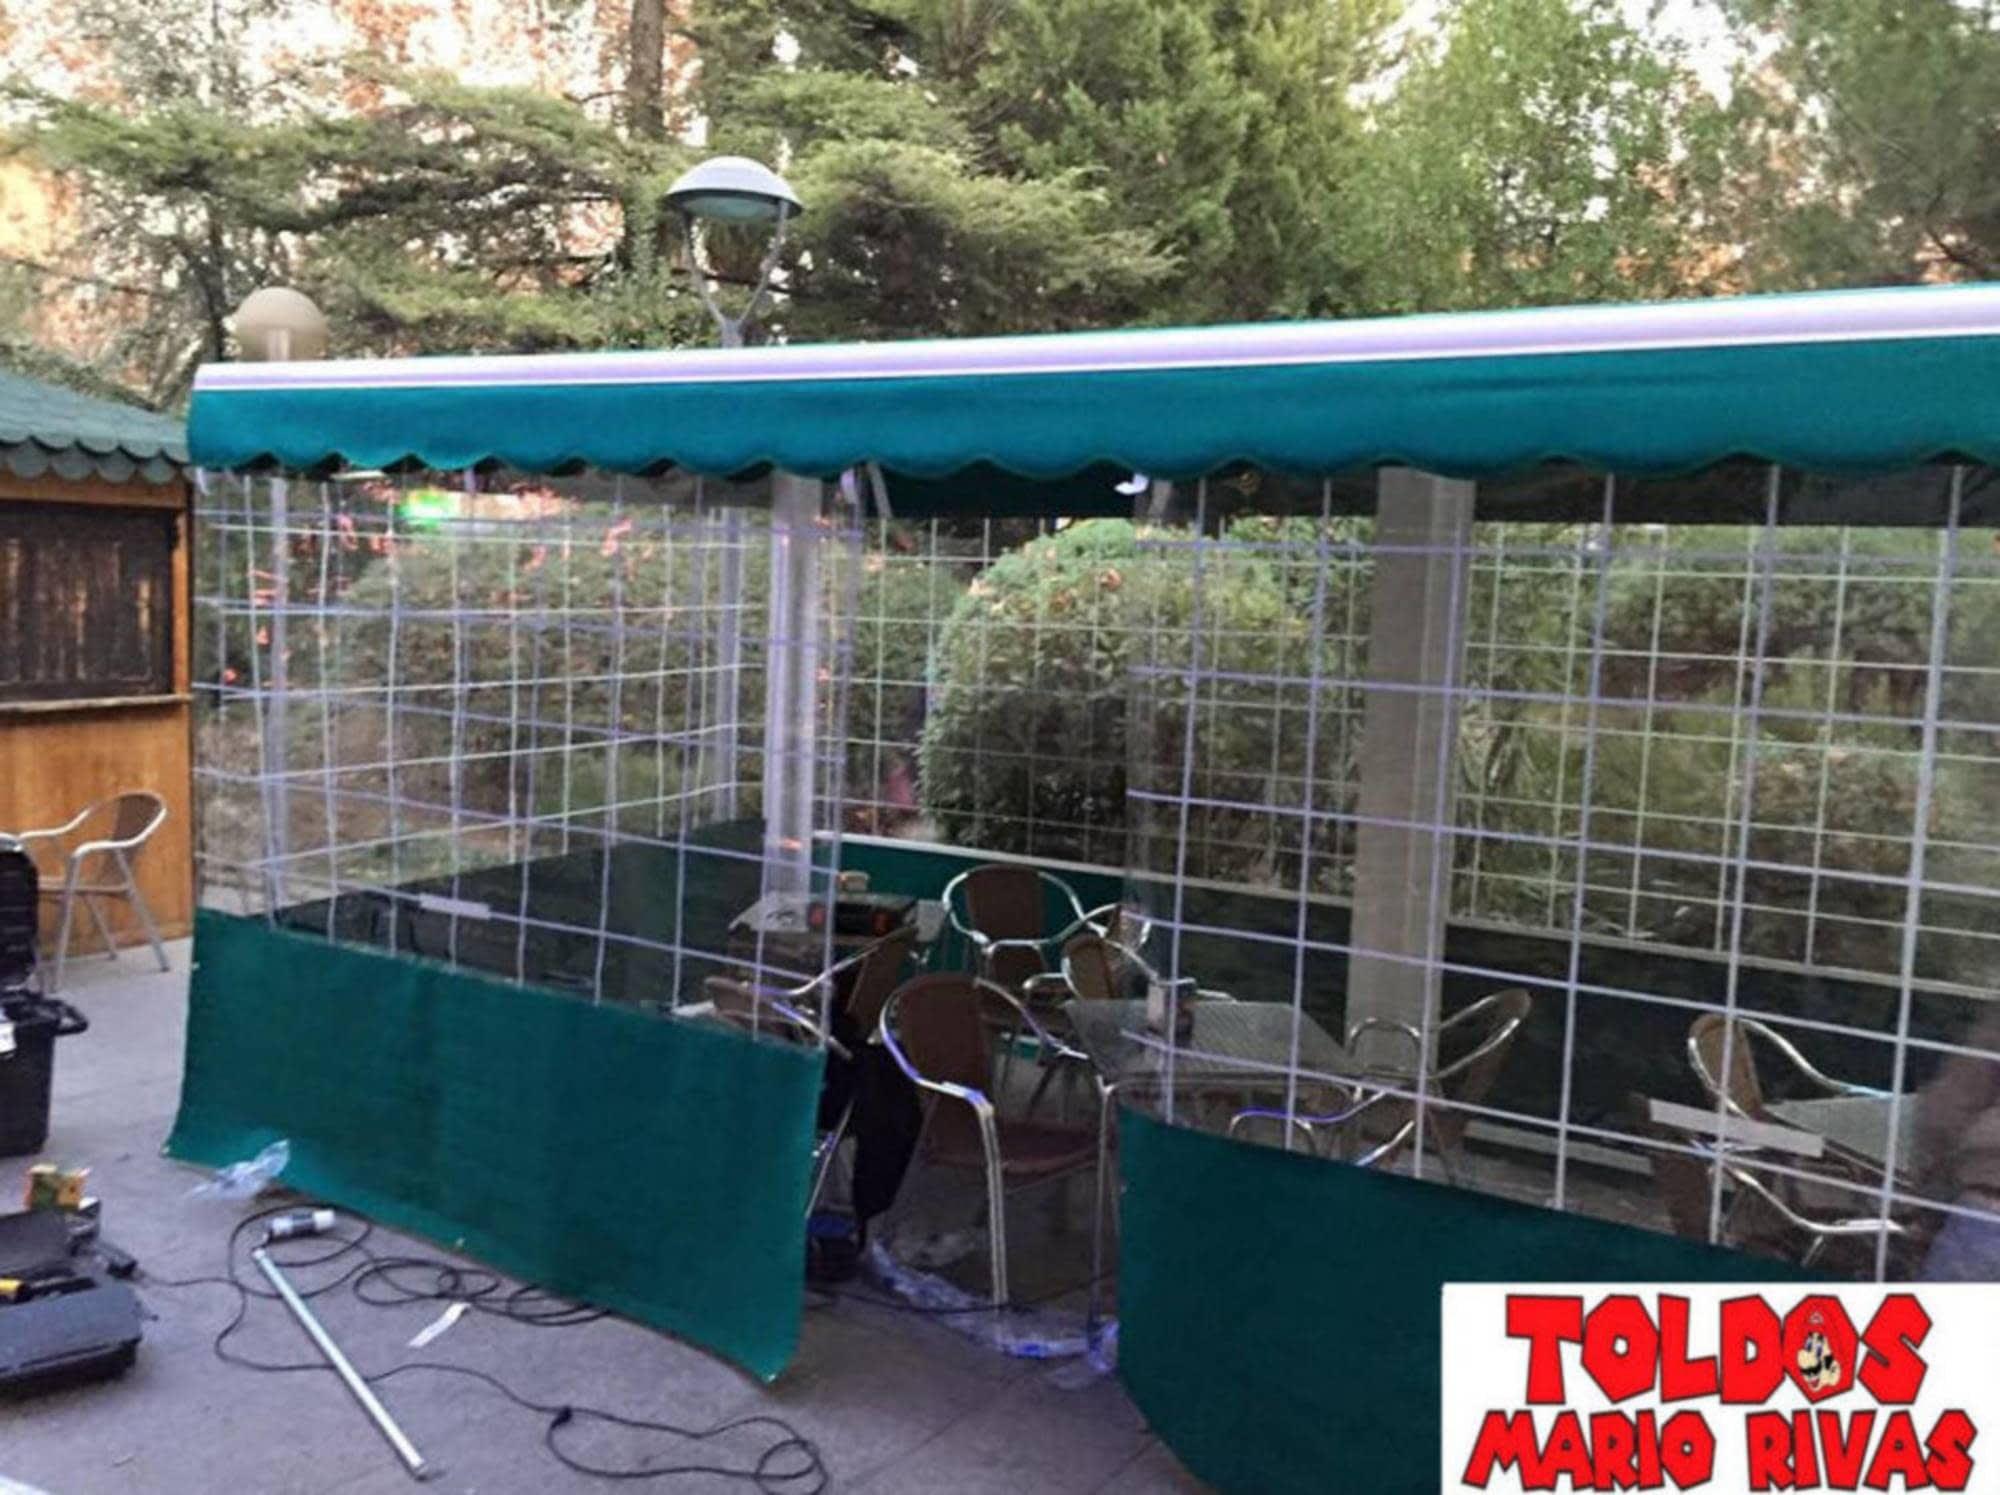 Cerramientos Hostelera  Toldos Mario Rivas  toldos en